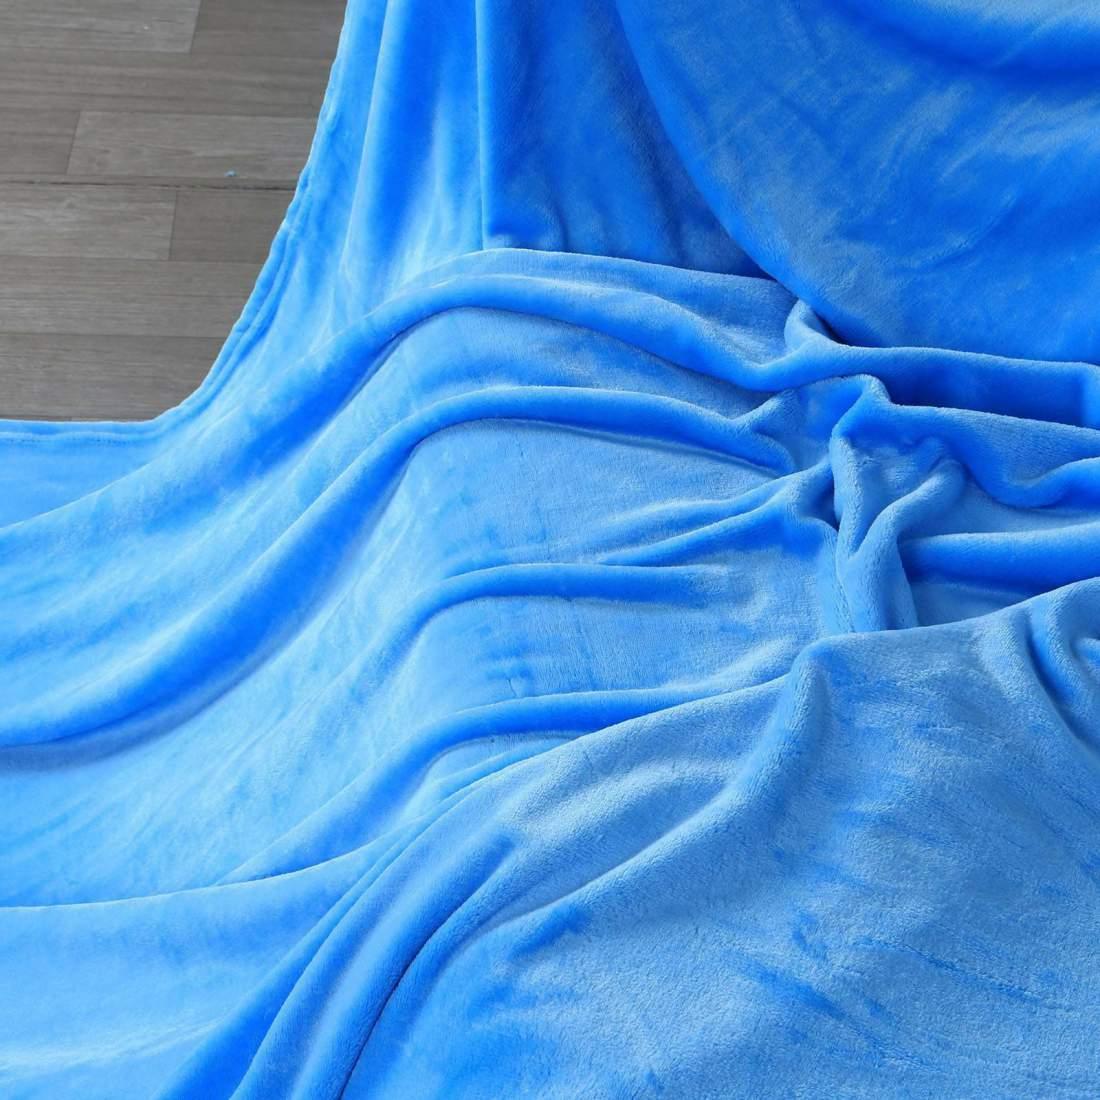 200x230cm puha takaró wellsoft ágytakaró kék